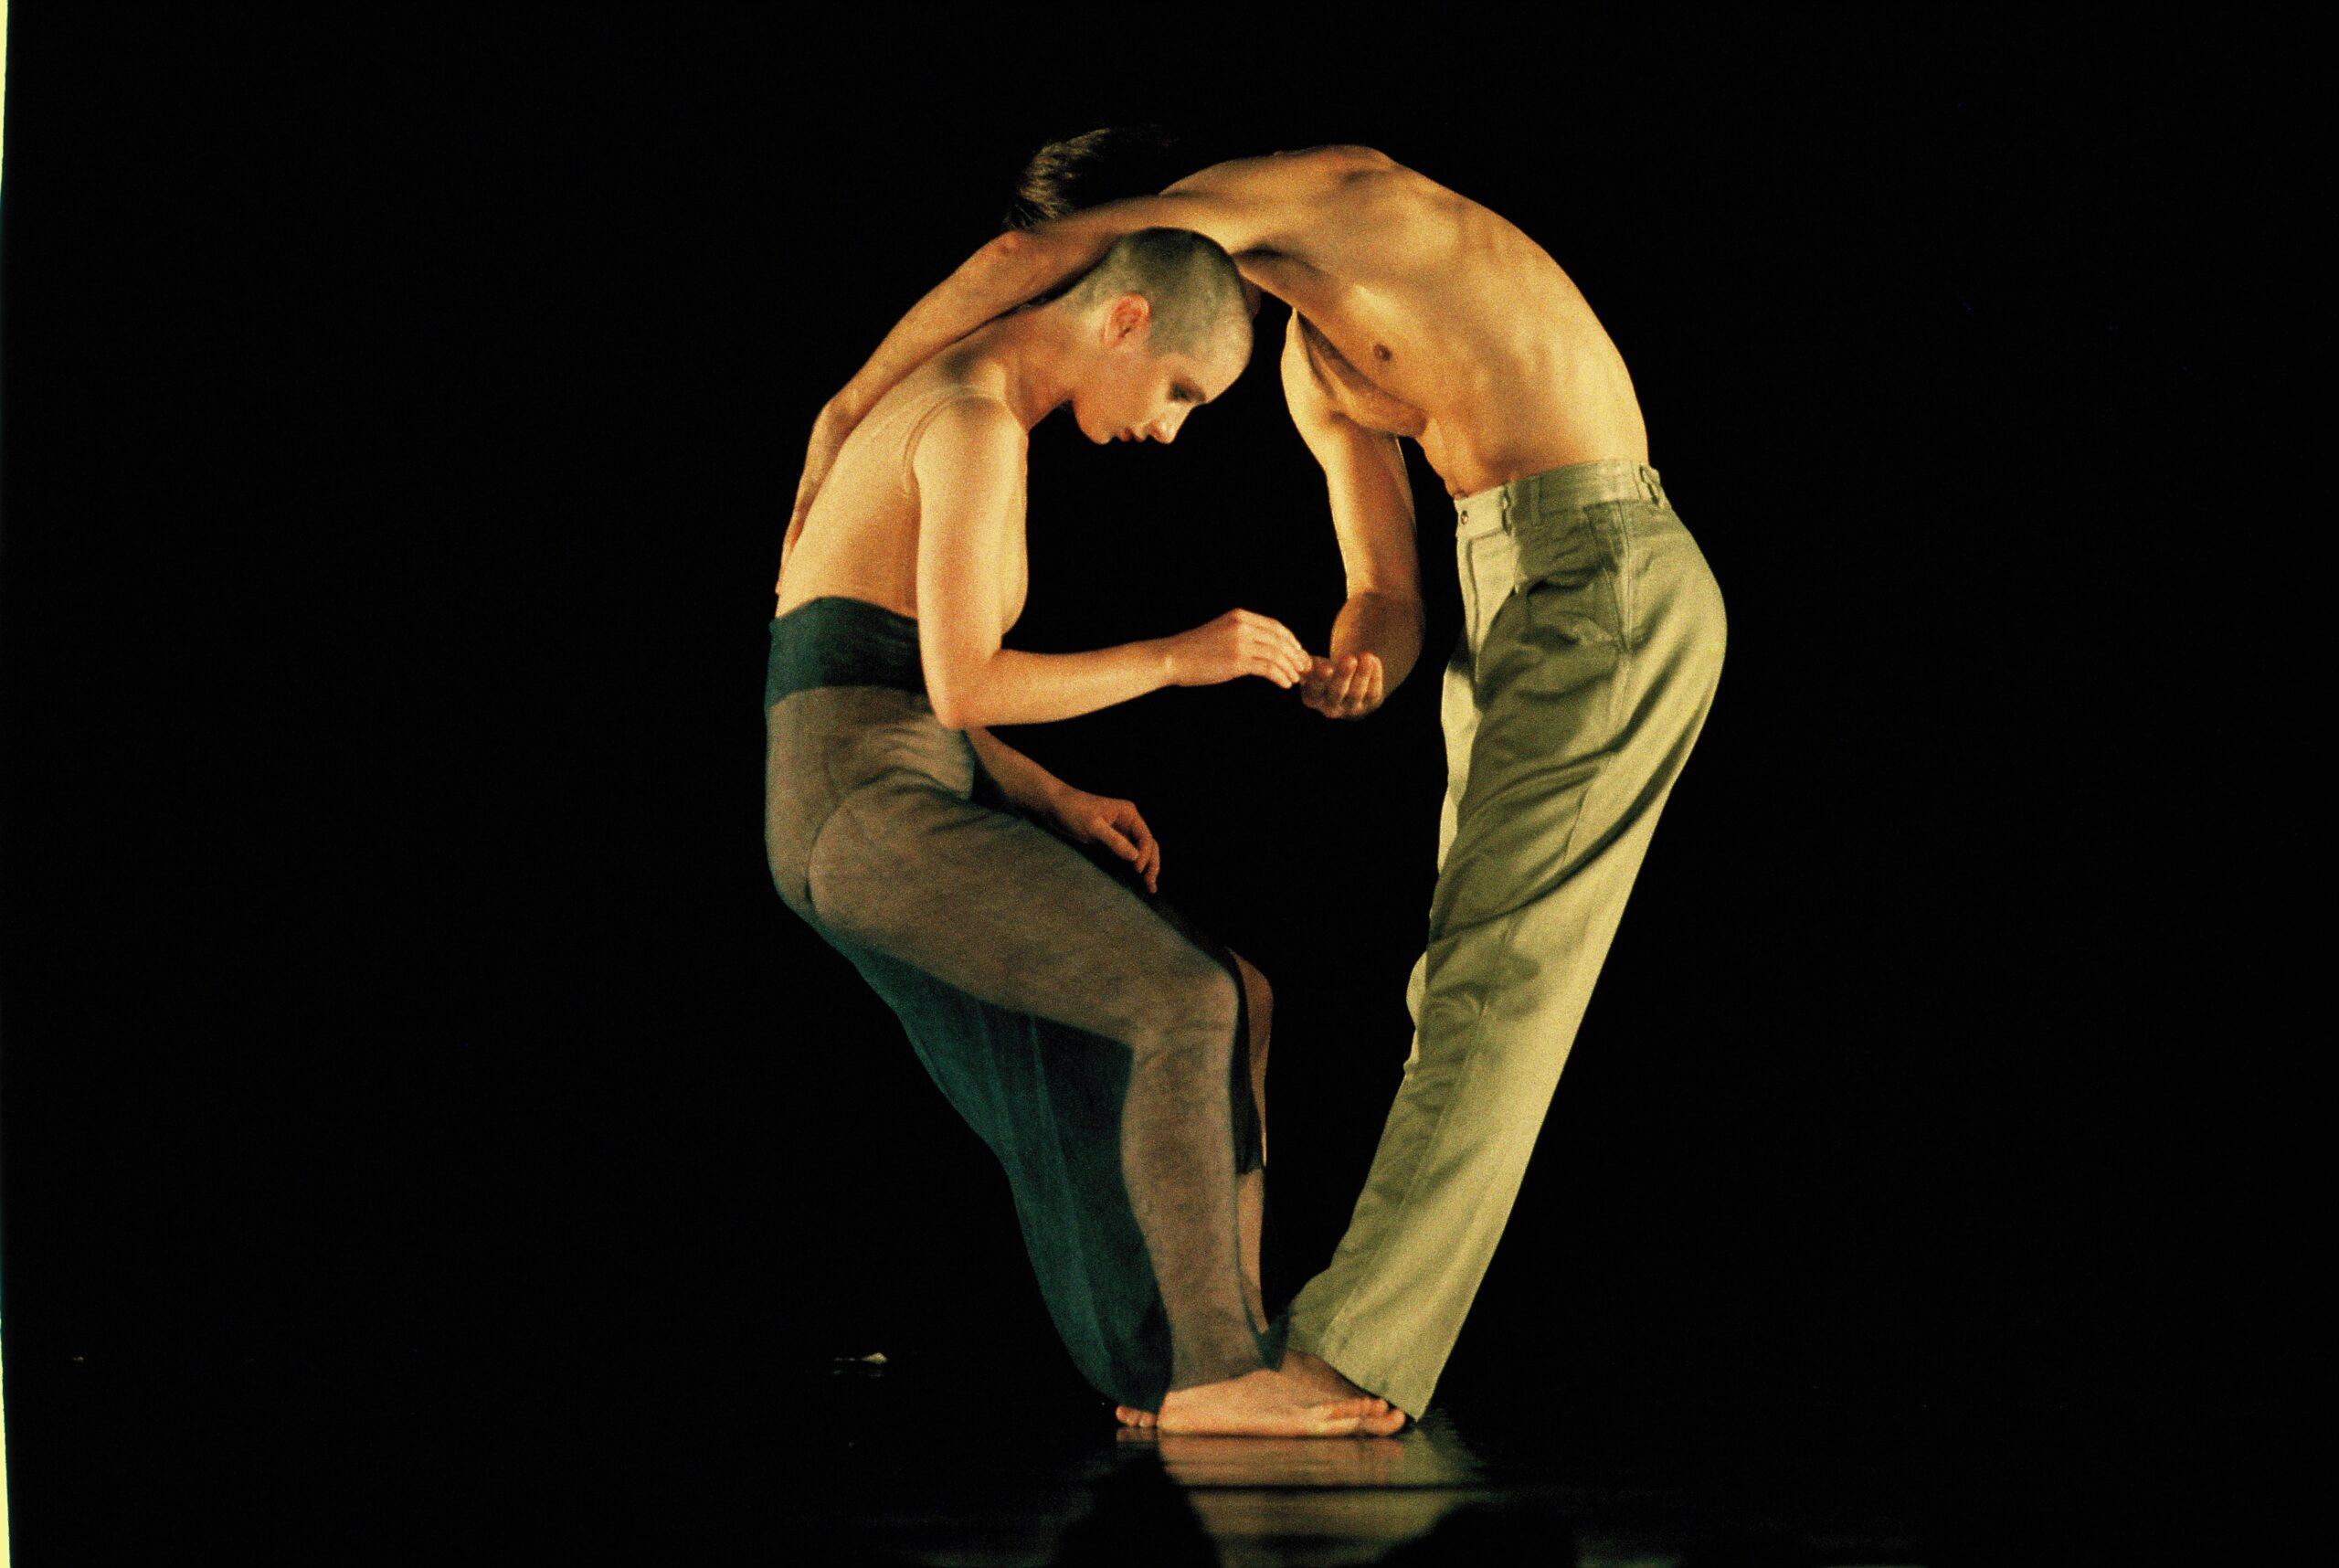 No Dia Internacional da Dança, Curta!On lança especial com espetáculos e documentários